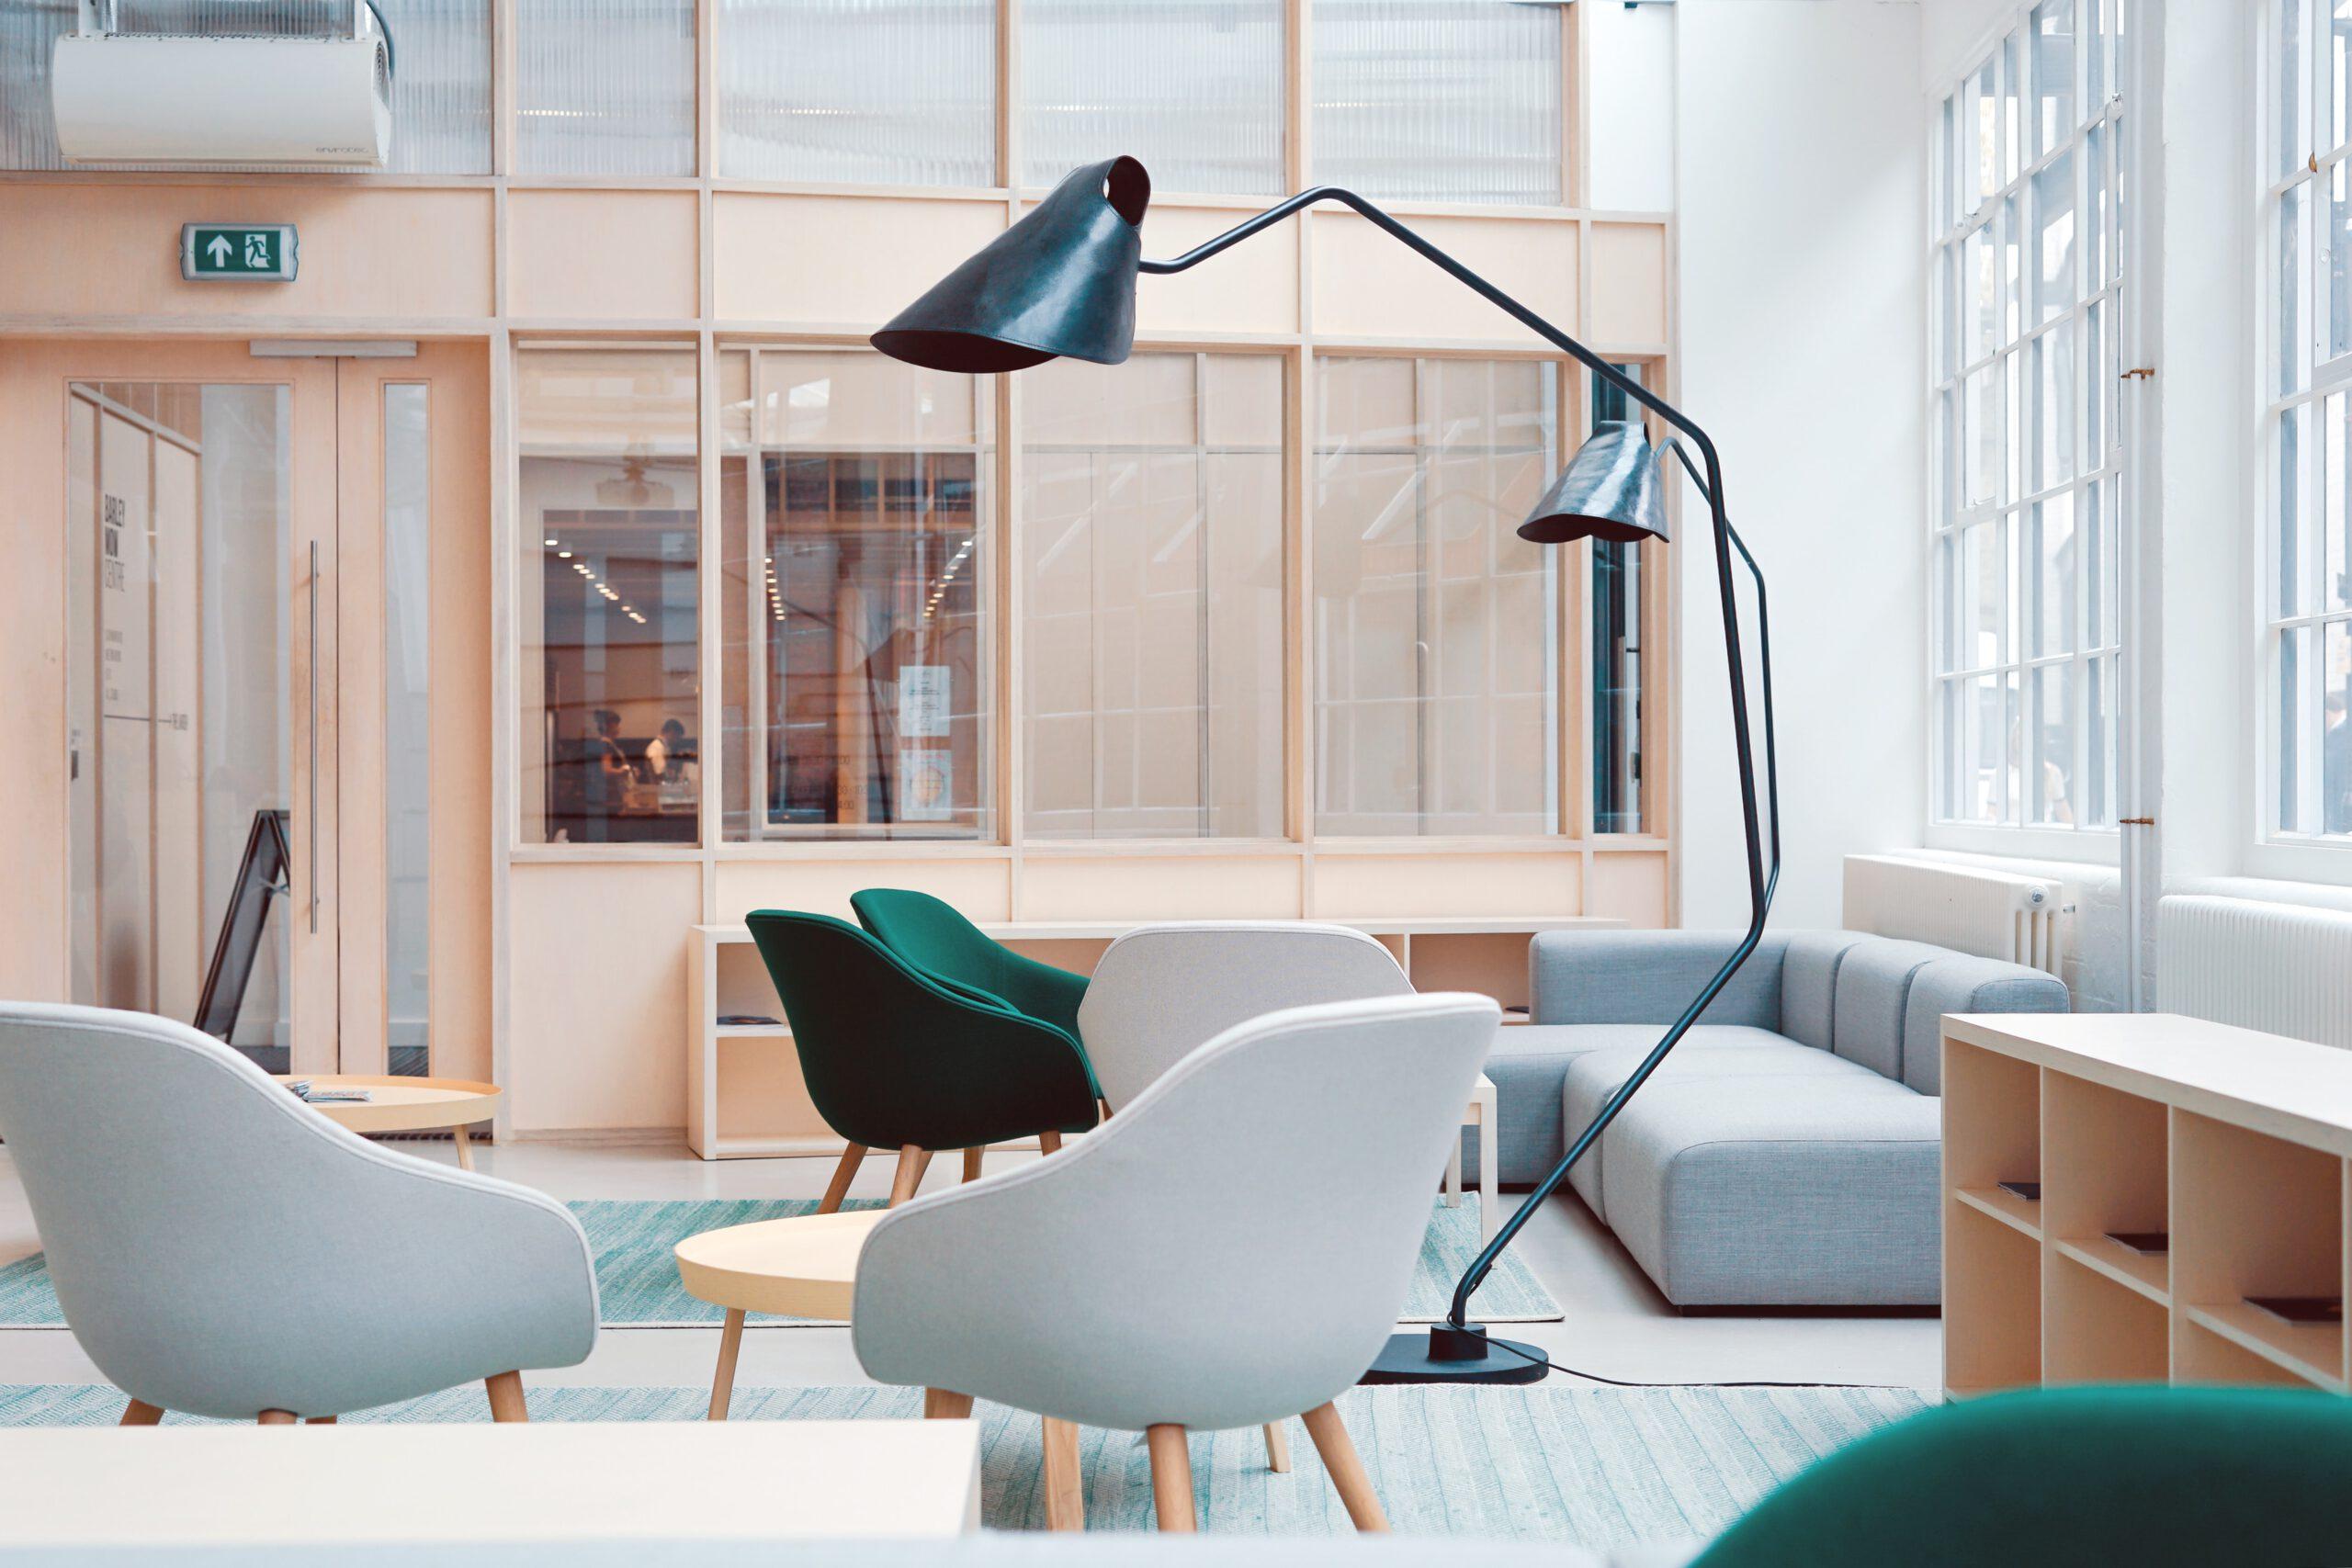 Projektowanie wnętrz niecodziennie — Sprawdź jak oryginalnie wykończyć ściany w naszym mieszkaniu, aby były gustowne i estetyczne